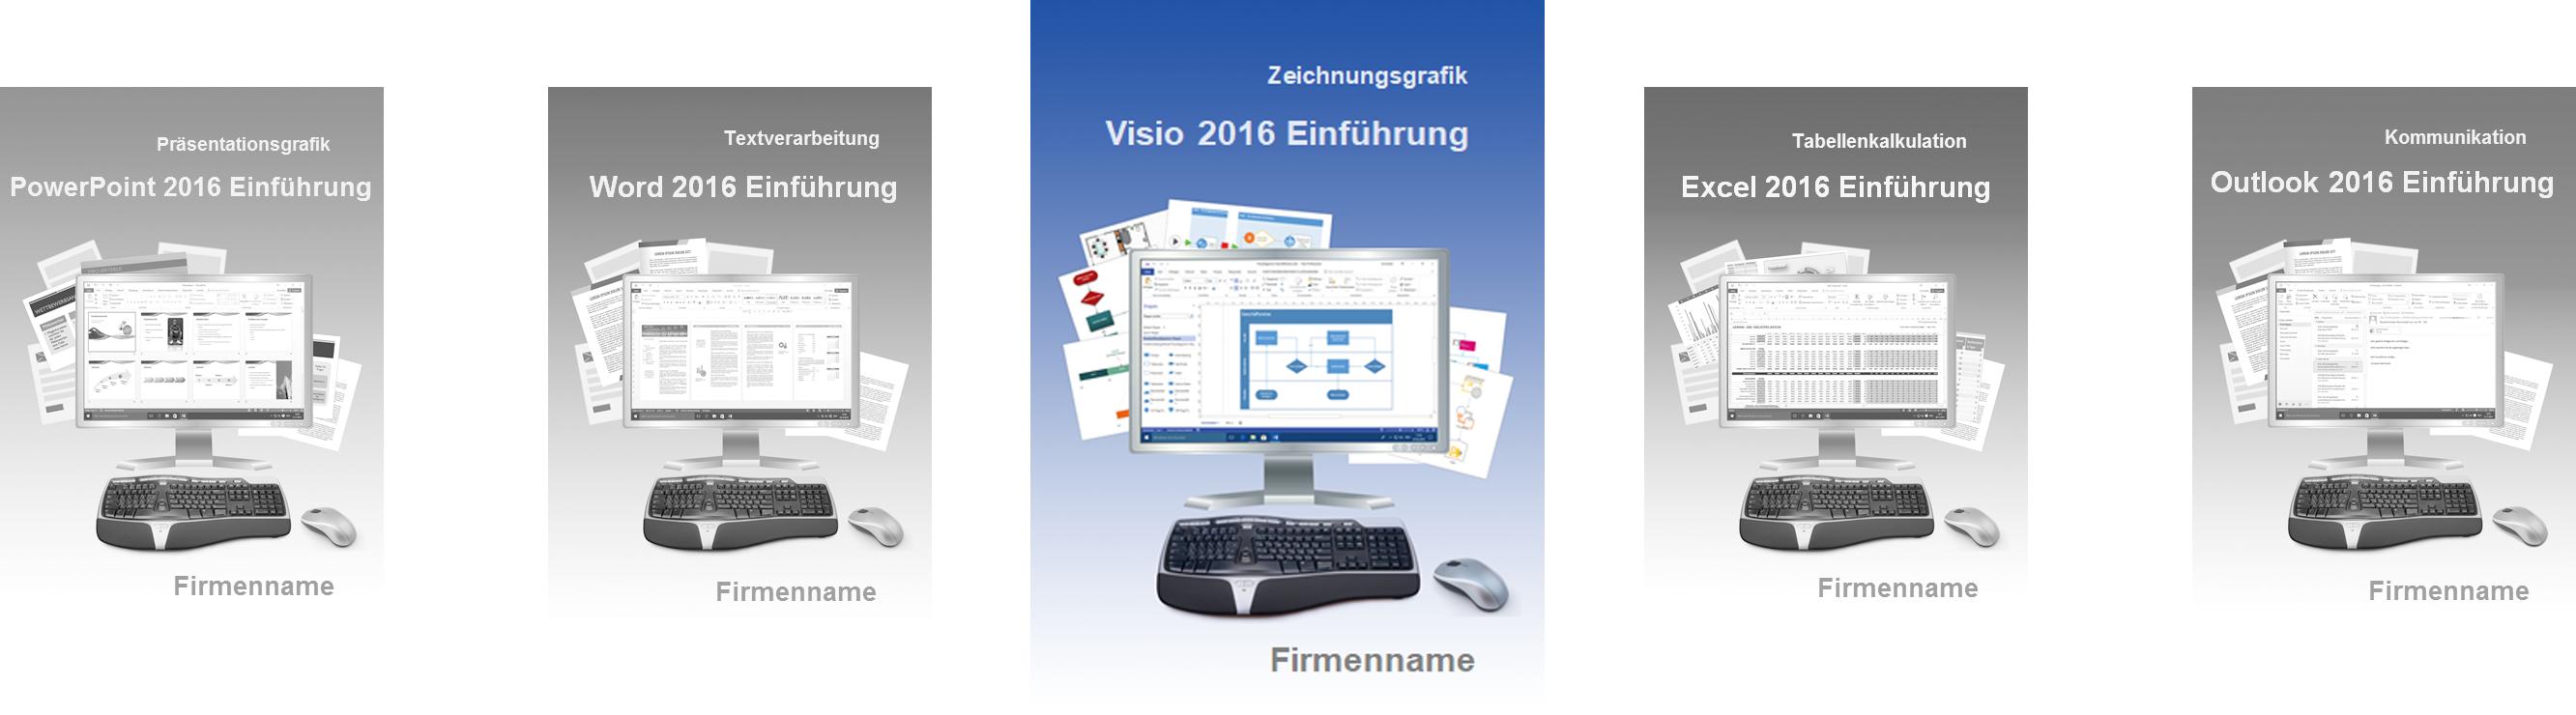 Slider Visio 2016 Einführung